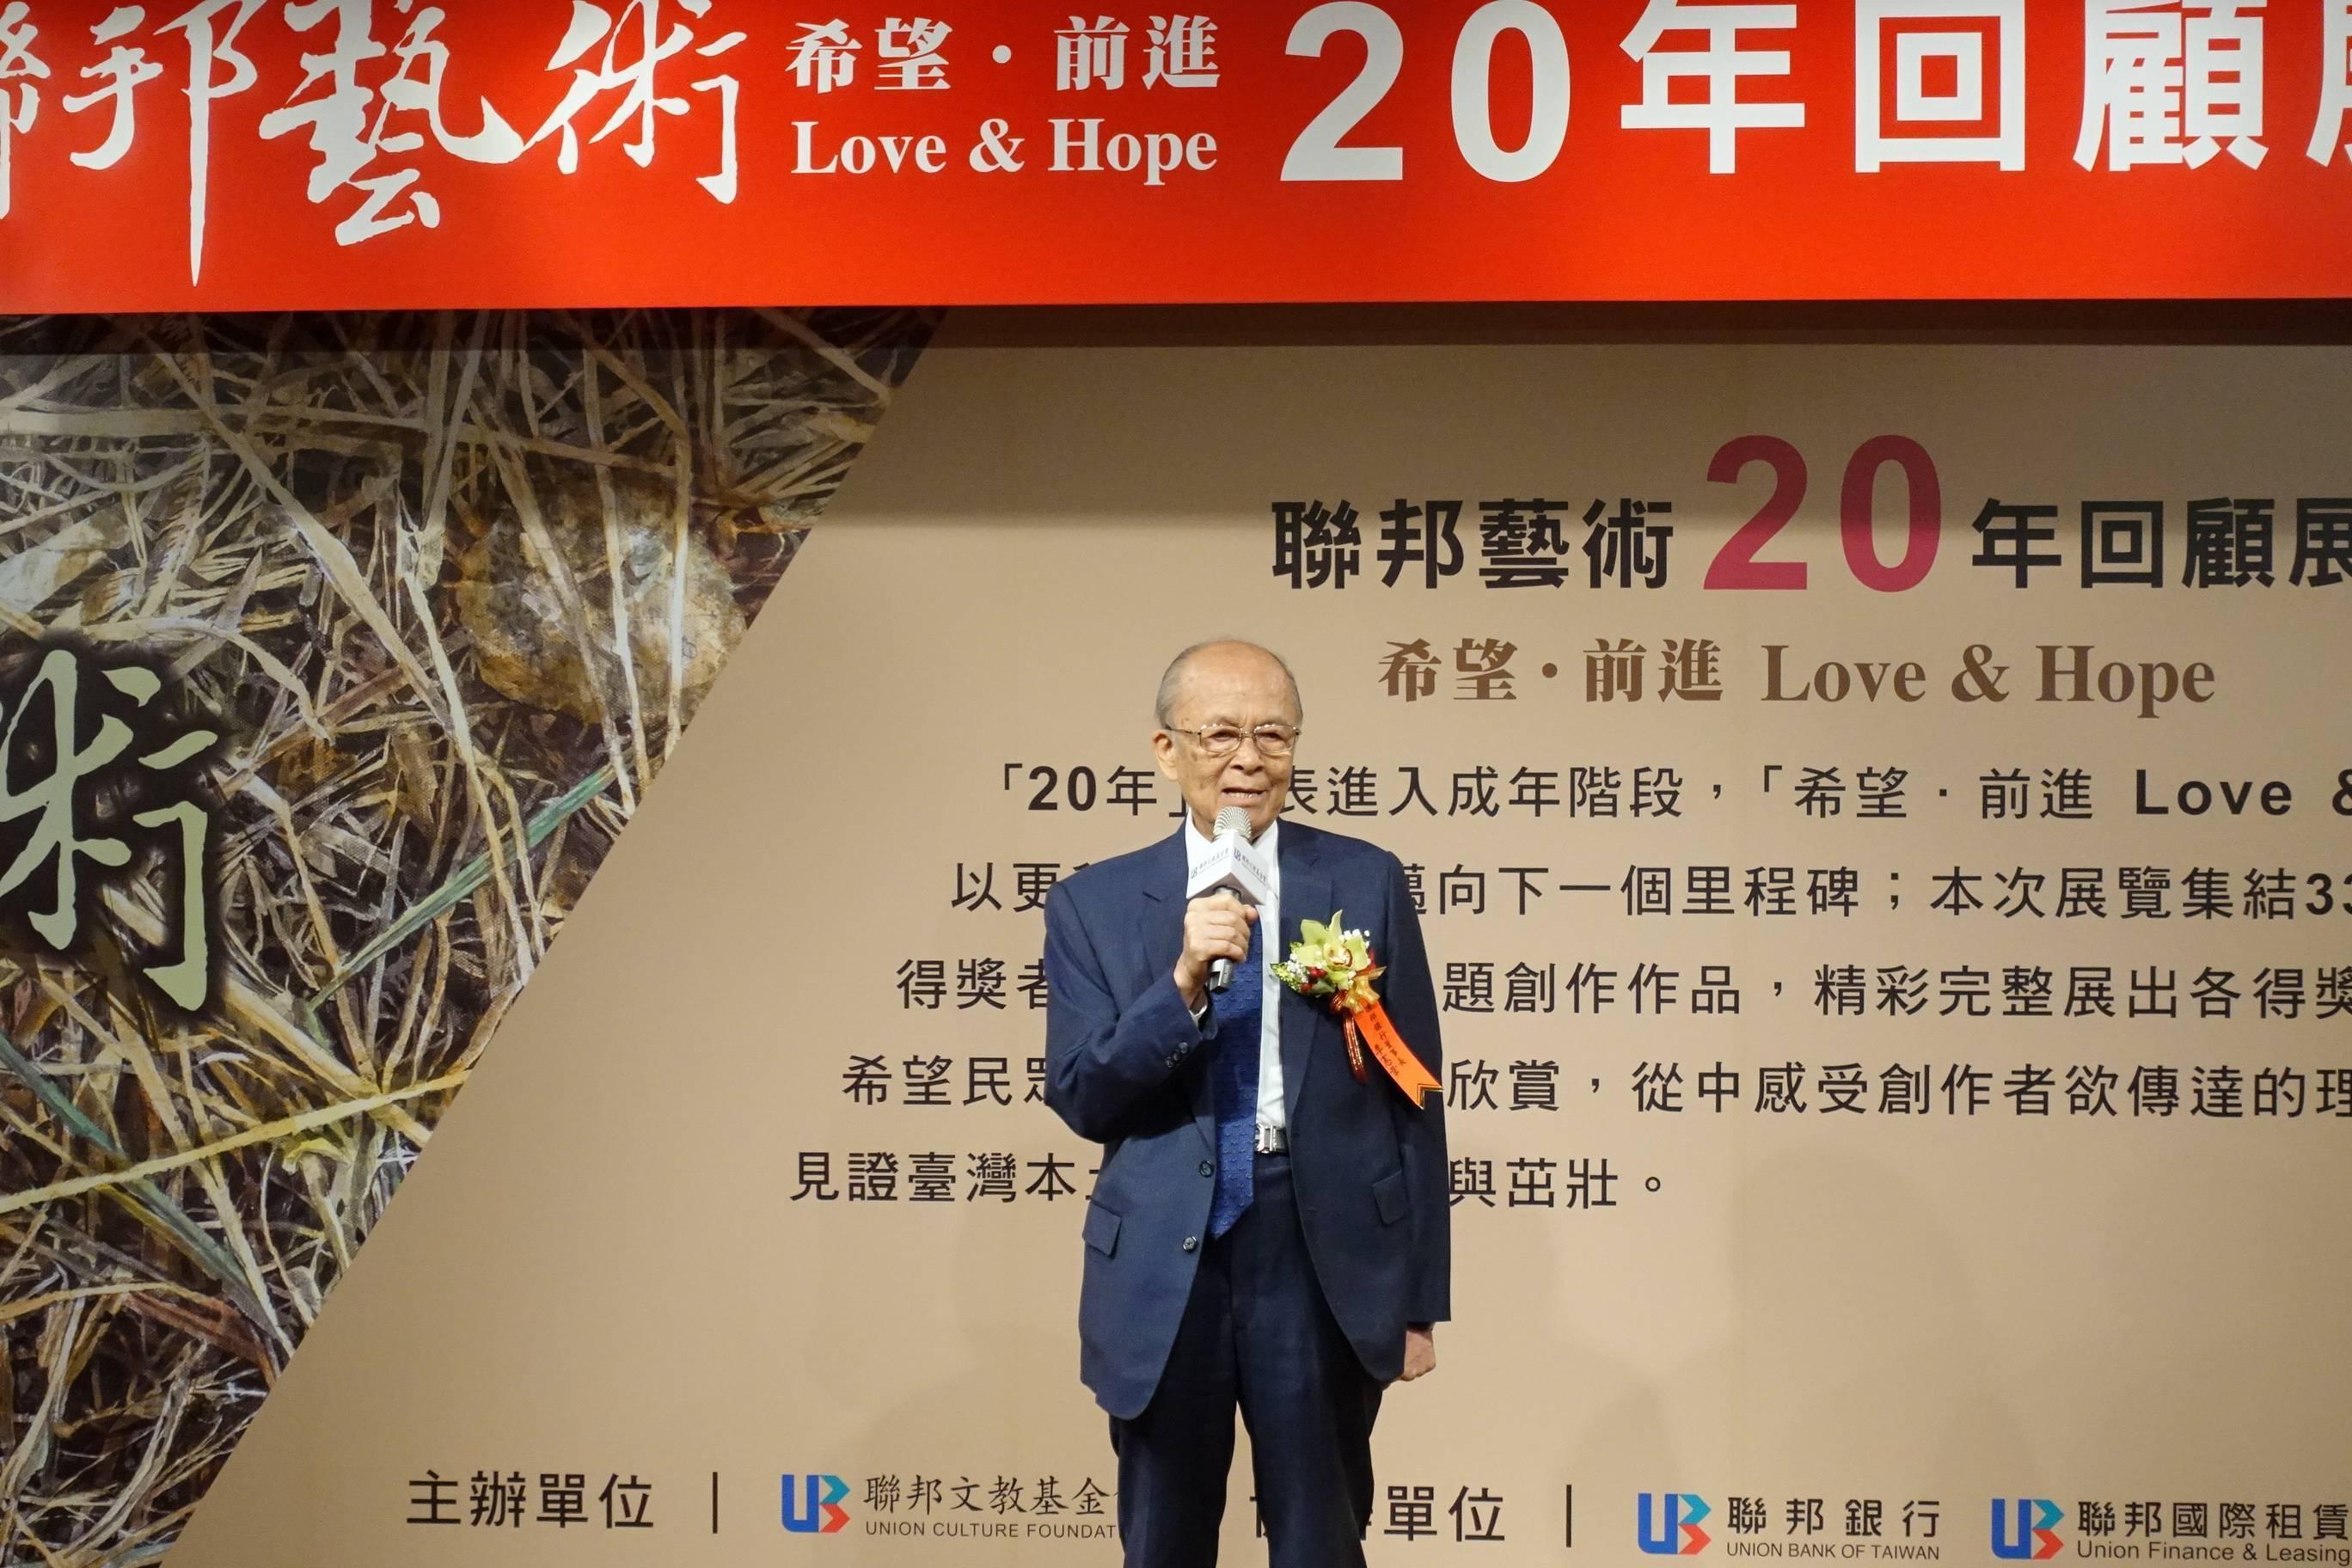 聯邦銀行董事長李憲章致詞。